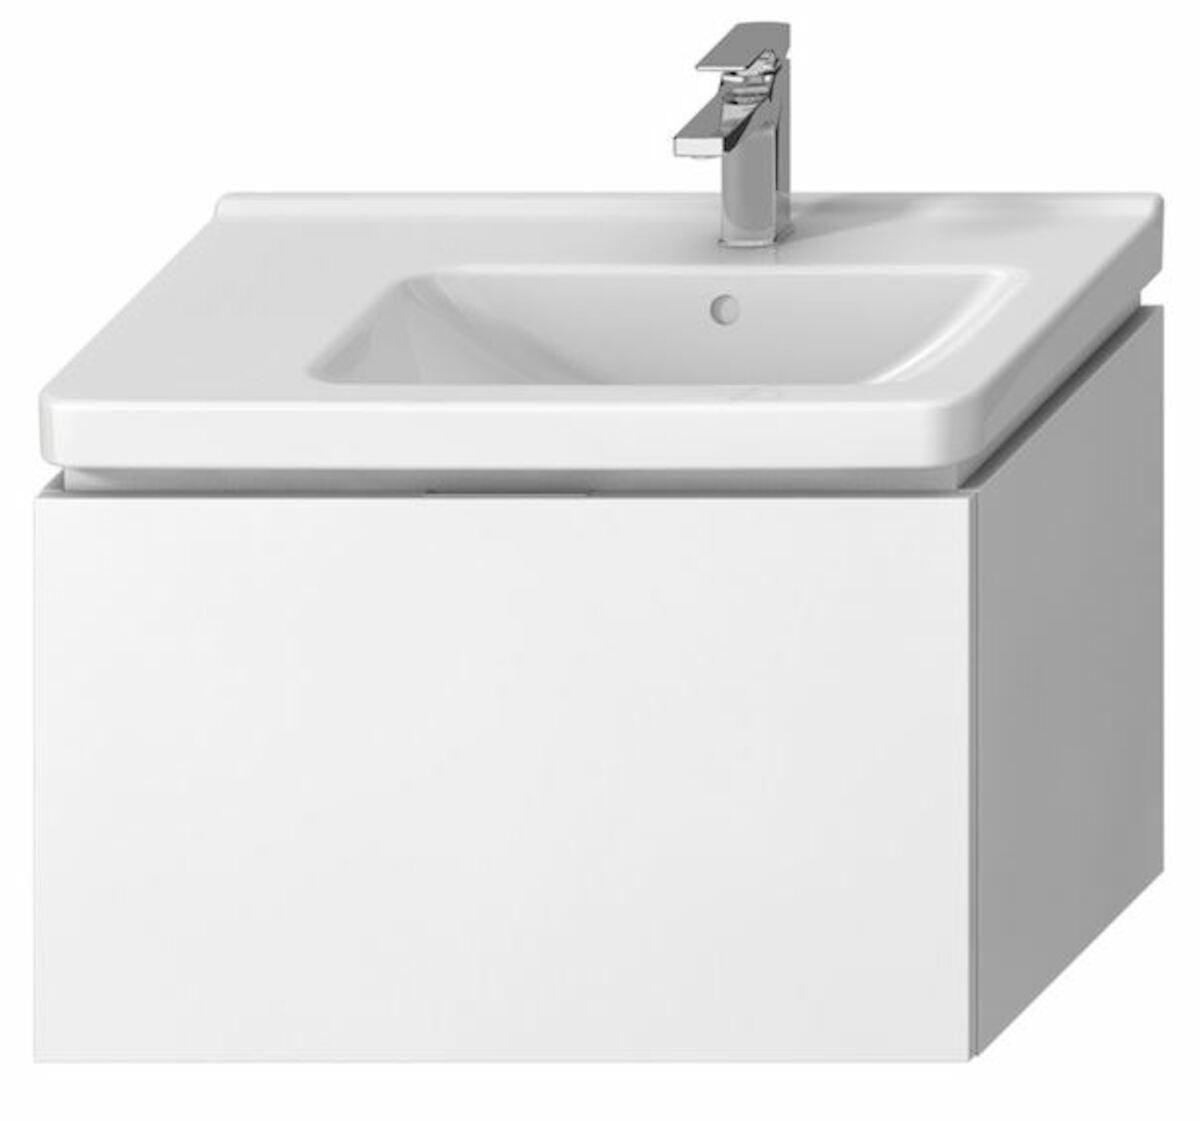 Kúpeľňová skrinka pod umývadlo Jika Cubito 74x42,6x48 cm biela H40J4253015001